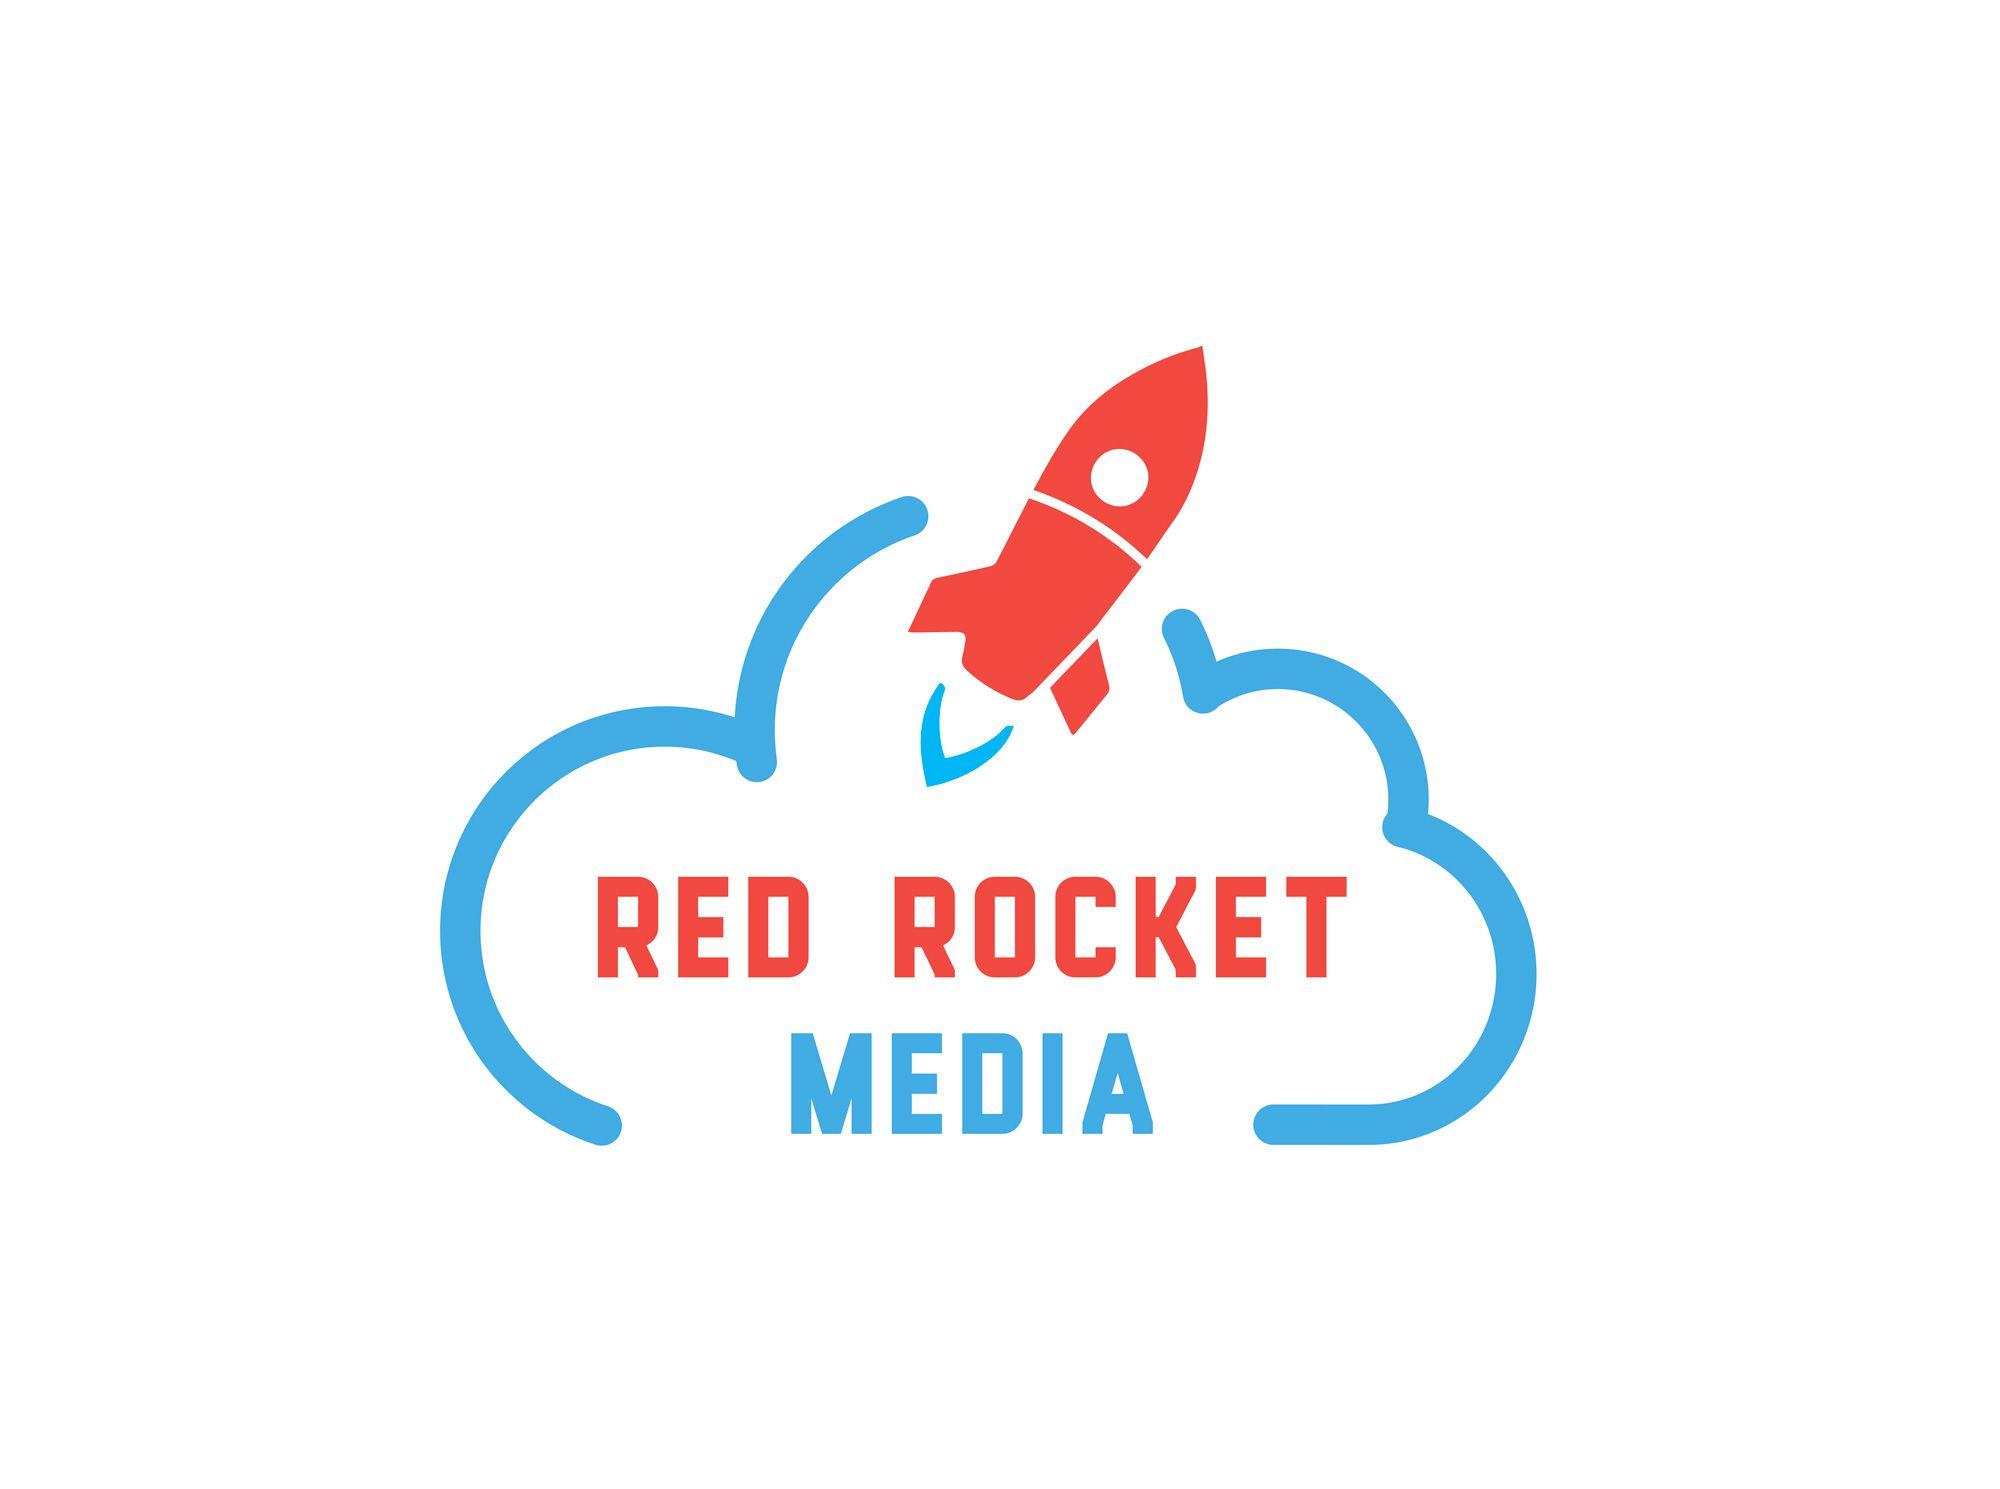 Лого и фирменный стиль для RedRocketMedia - дизайнер Vittold